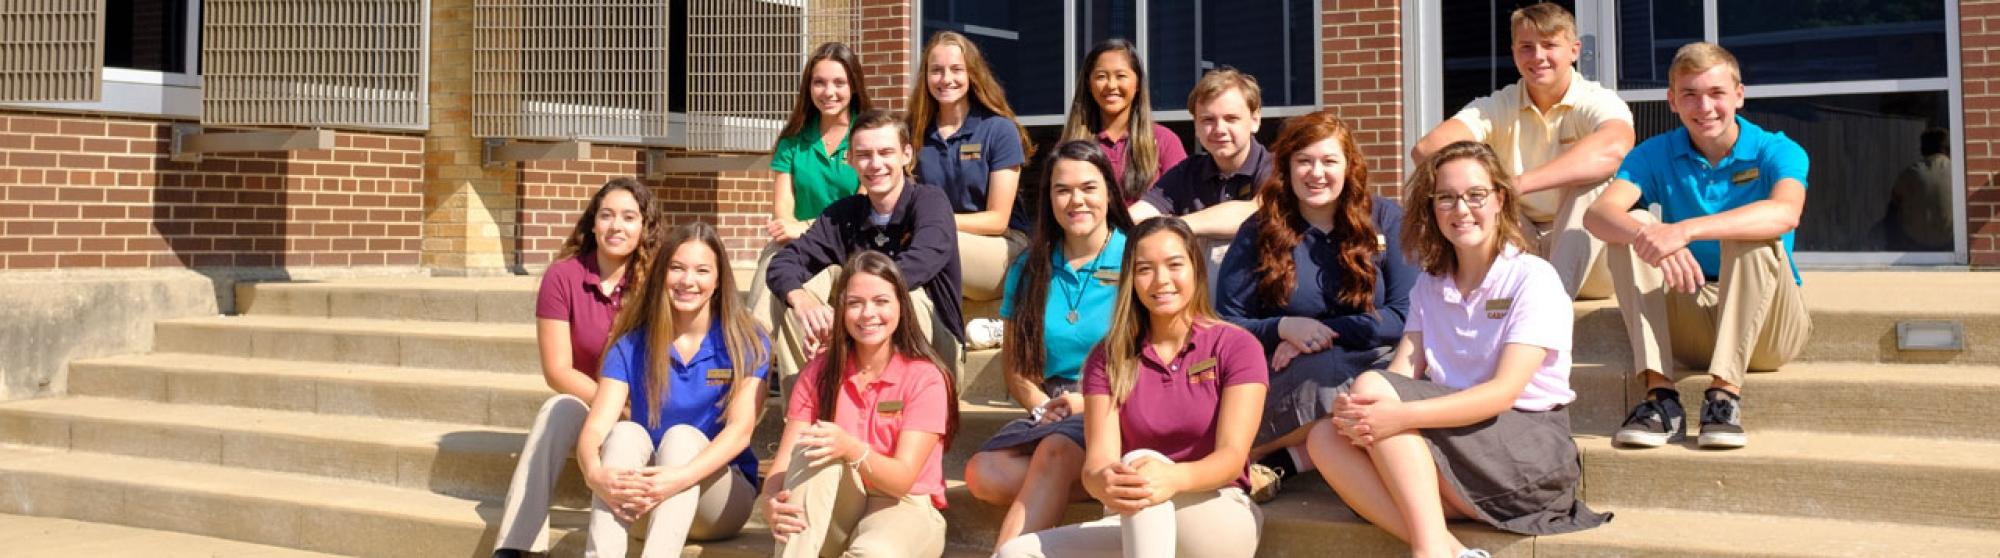 Carmel Catholic High School in Chicago, IL - Amerigo Education